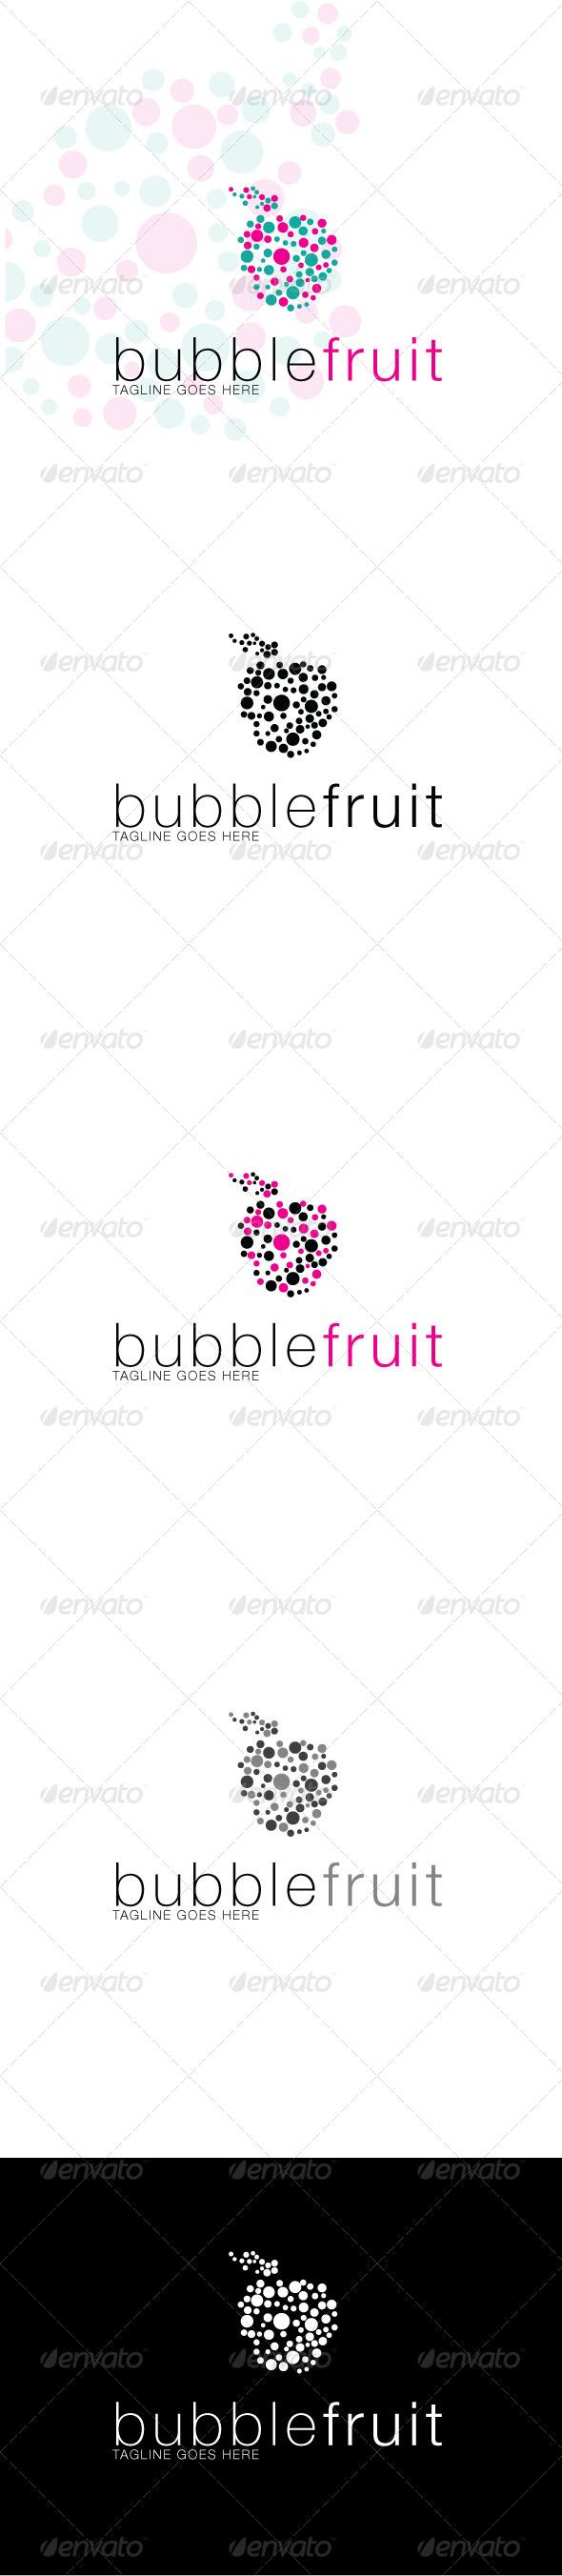 GraphicRiver Bubblefruit Logo 3905238